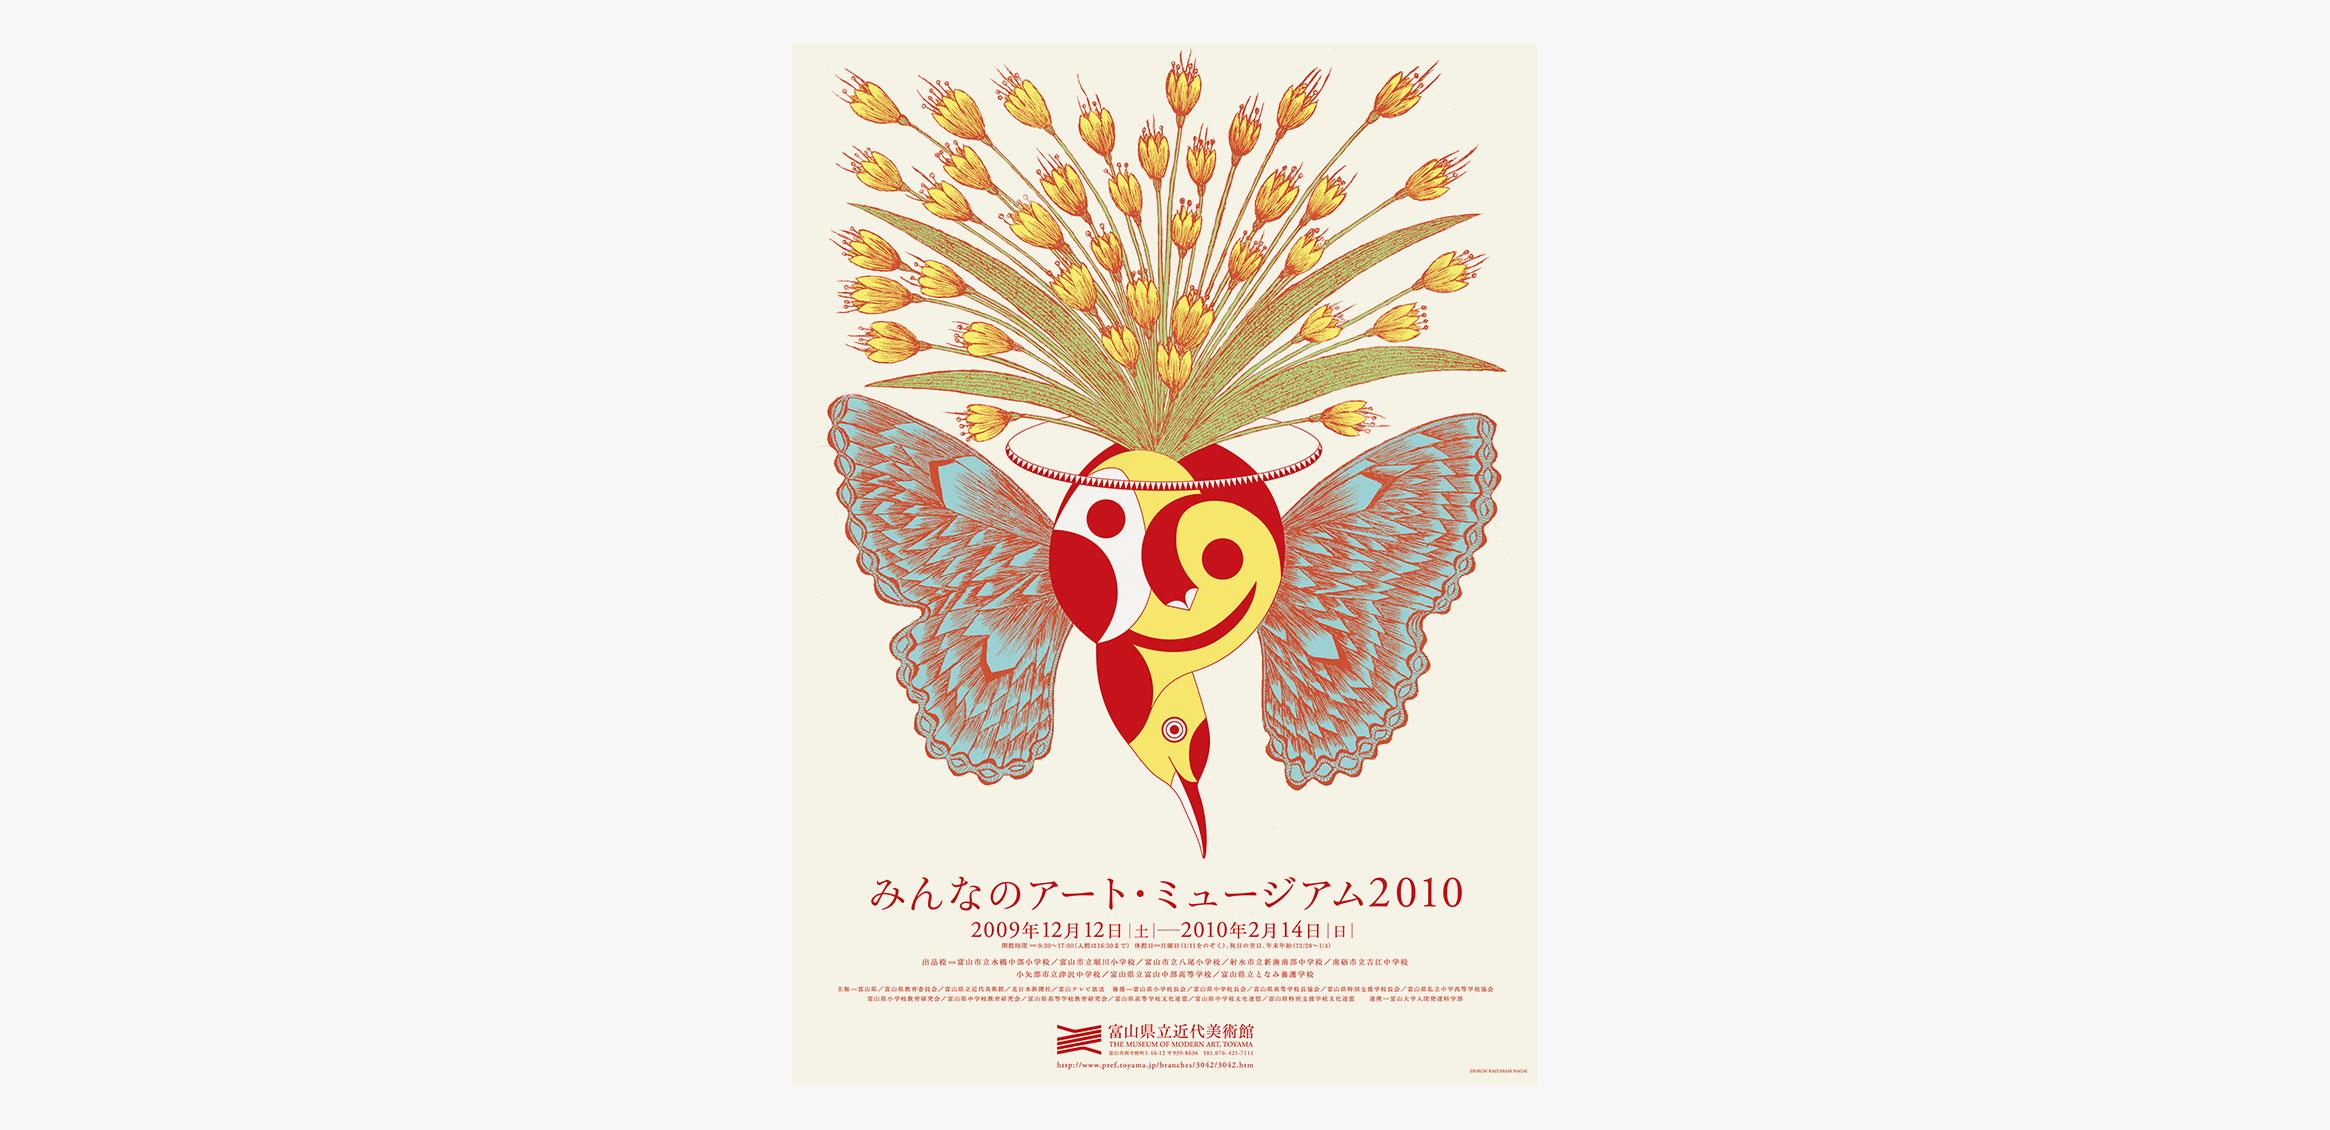 富山县立近代美术馆  海报10枚目